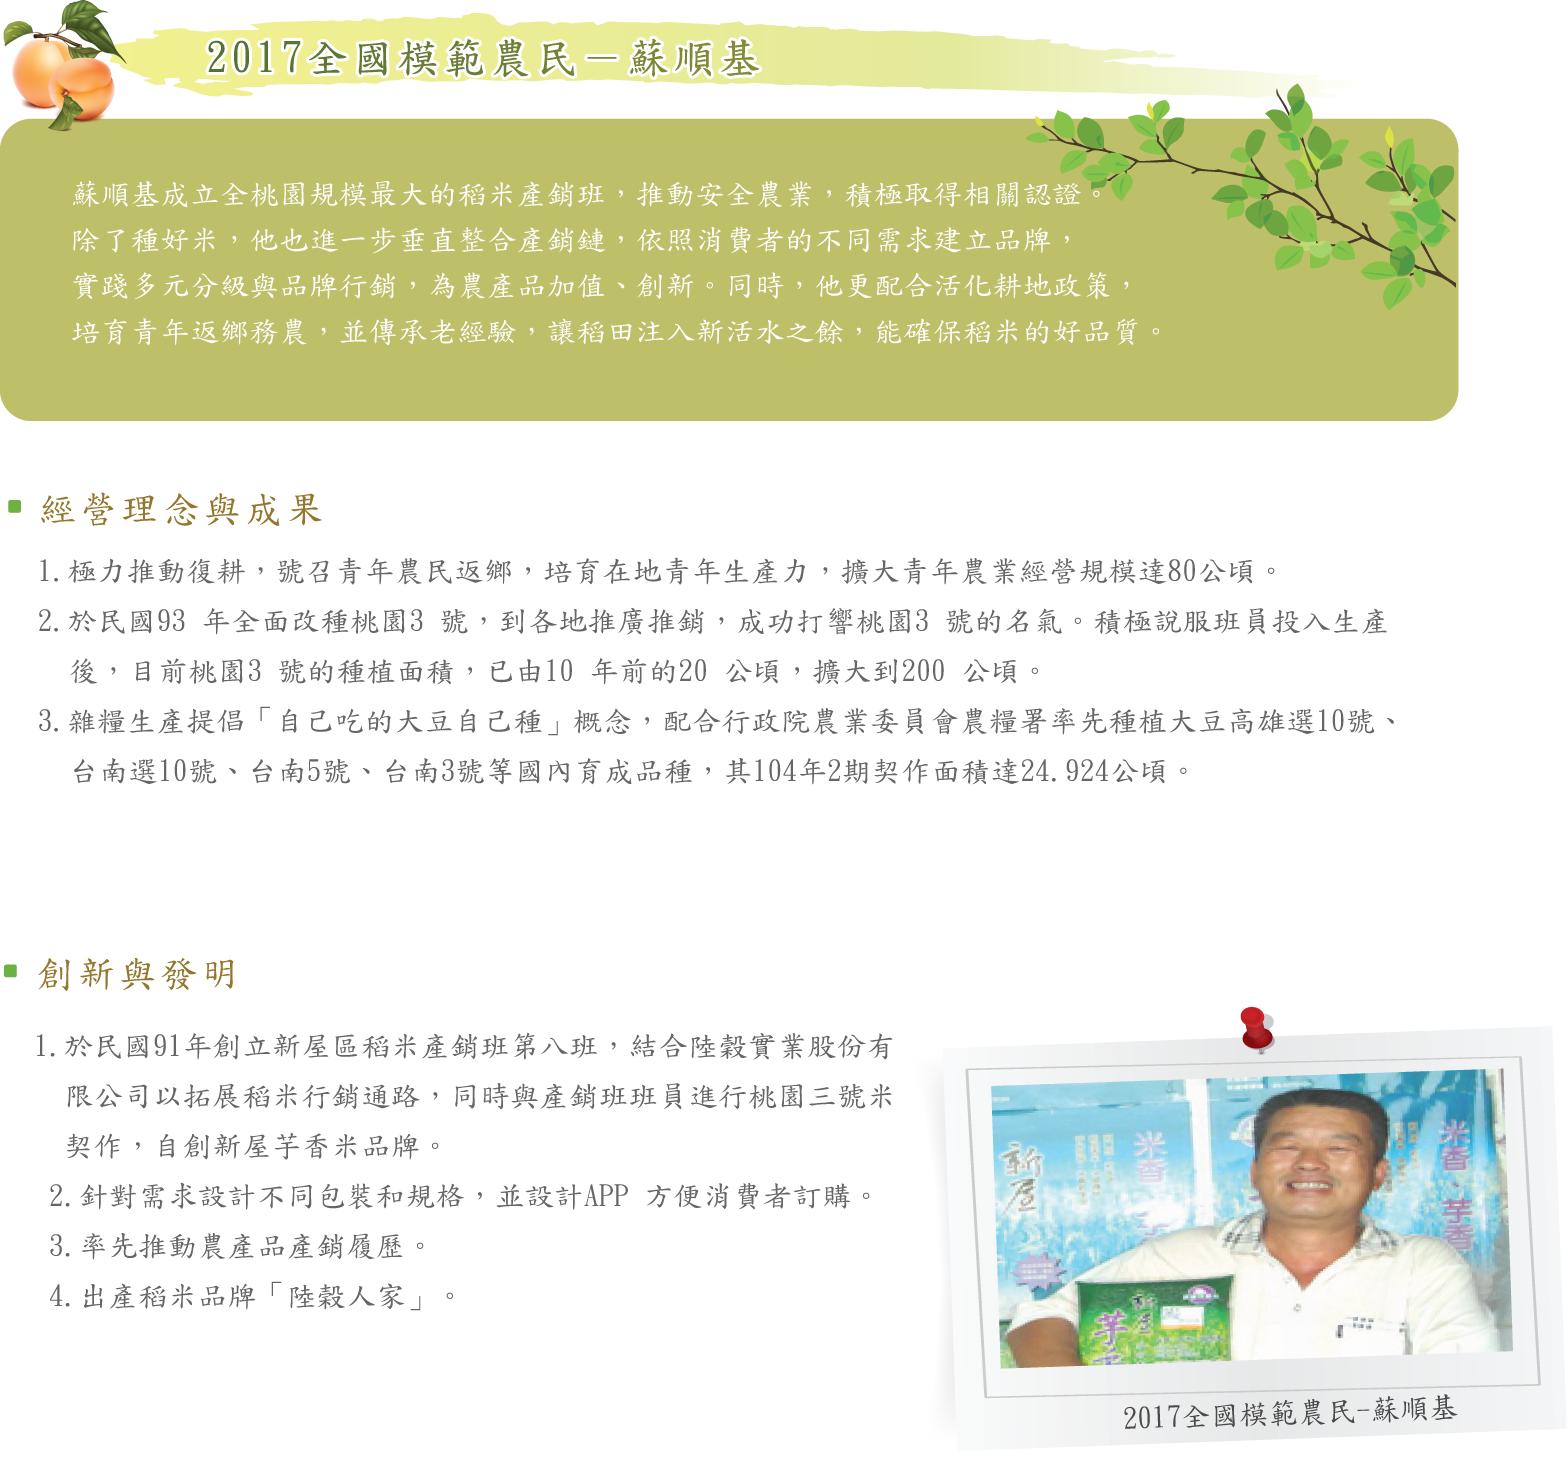 2017全國模範農民-蘇順基